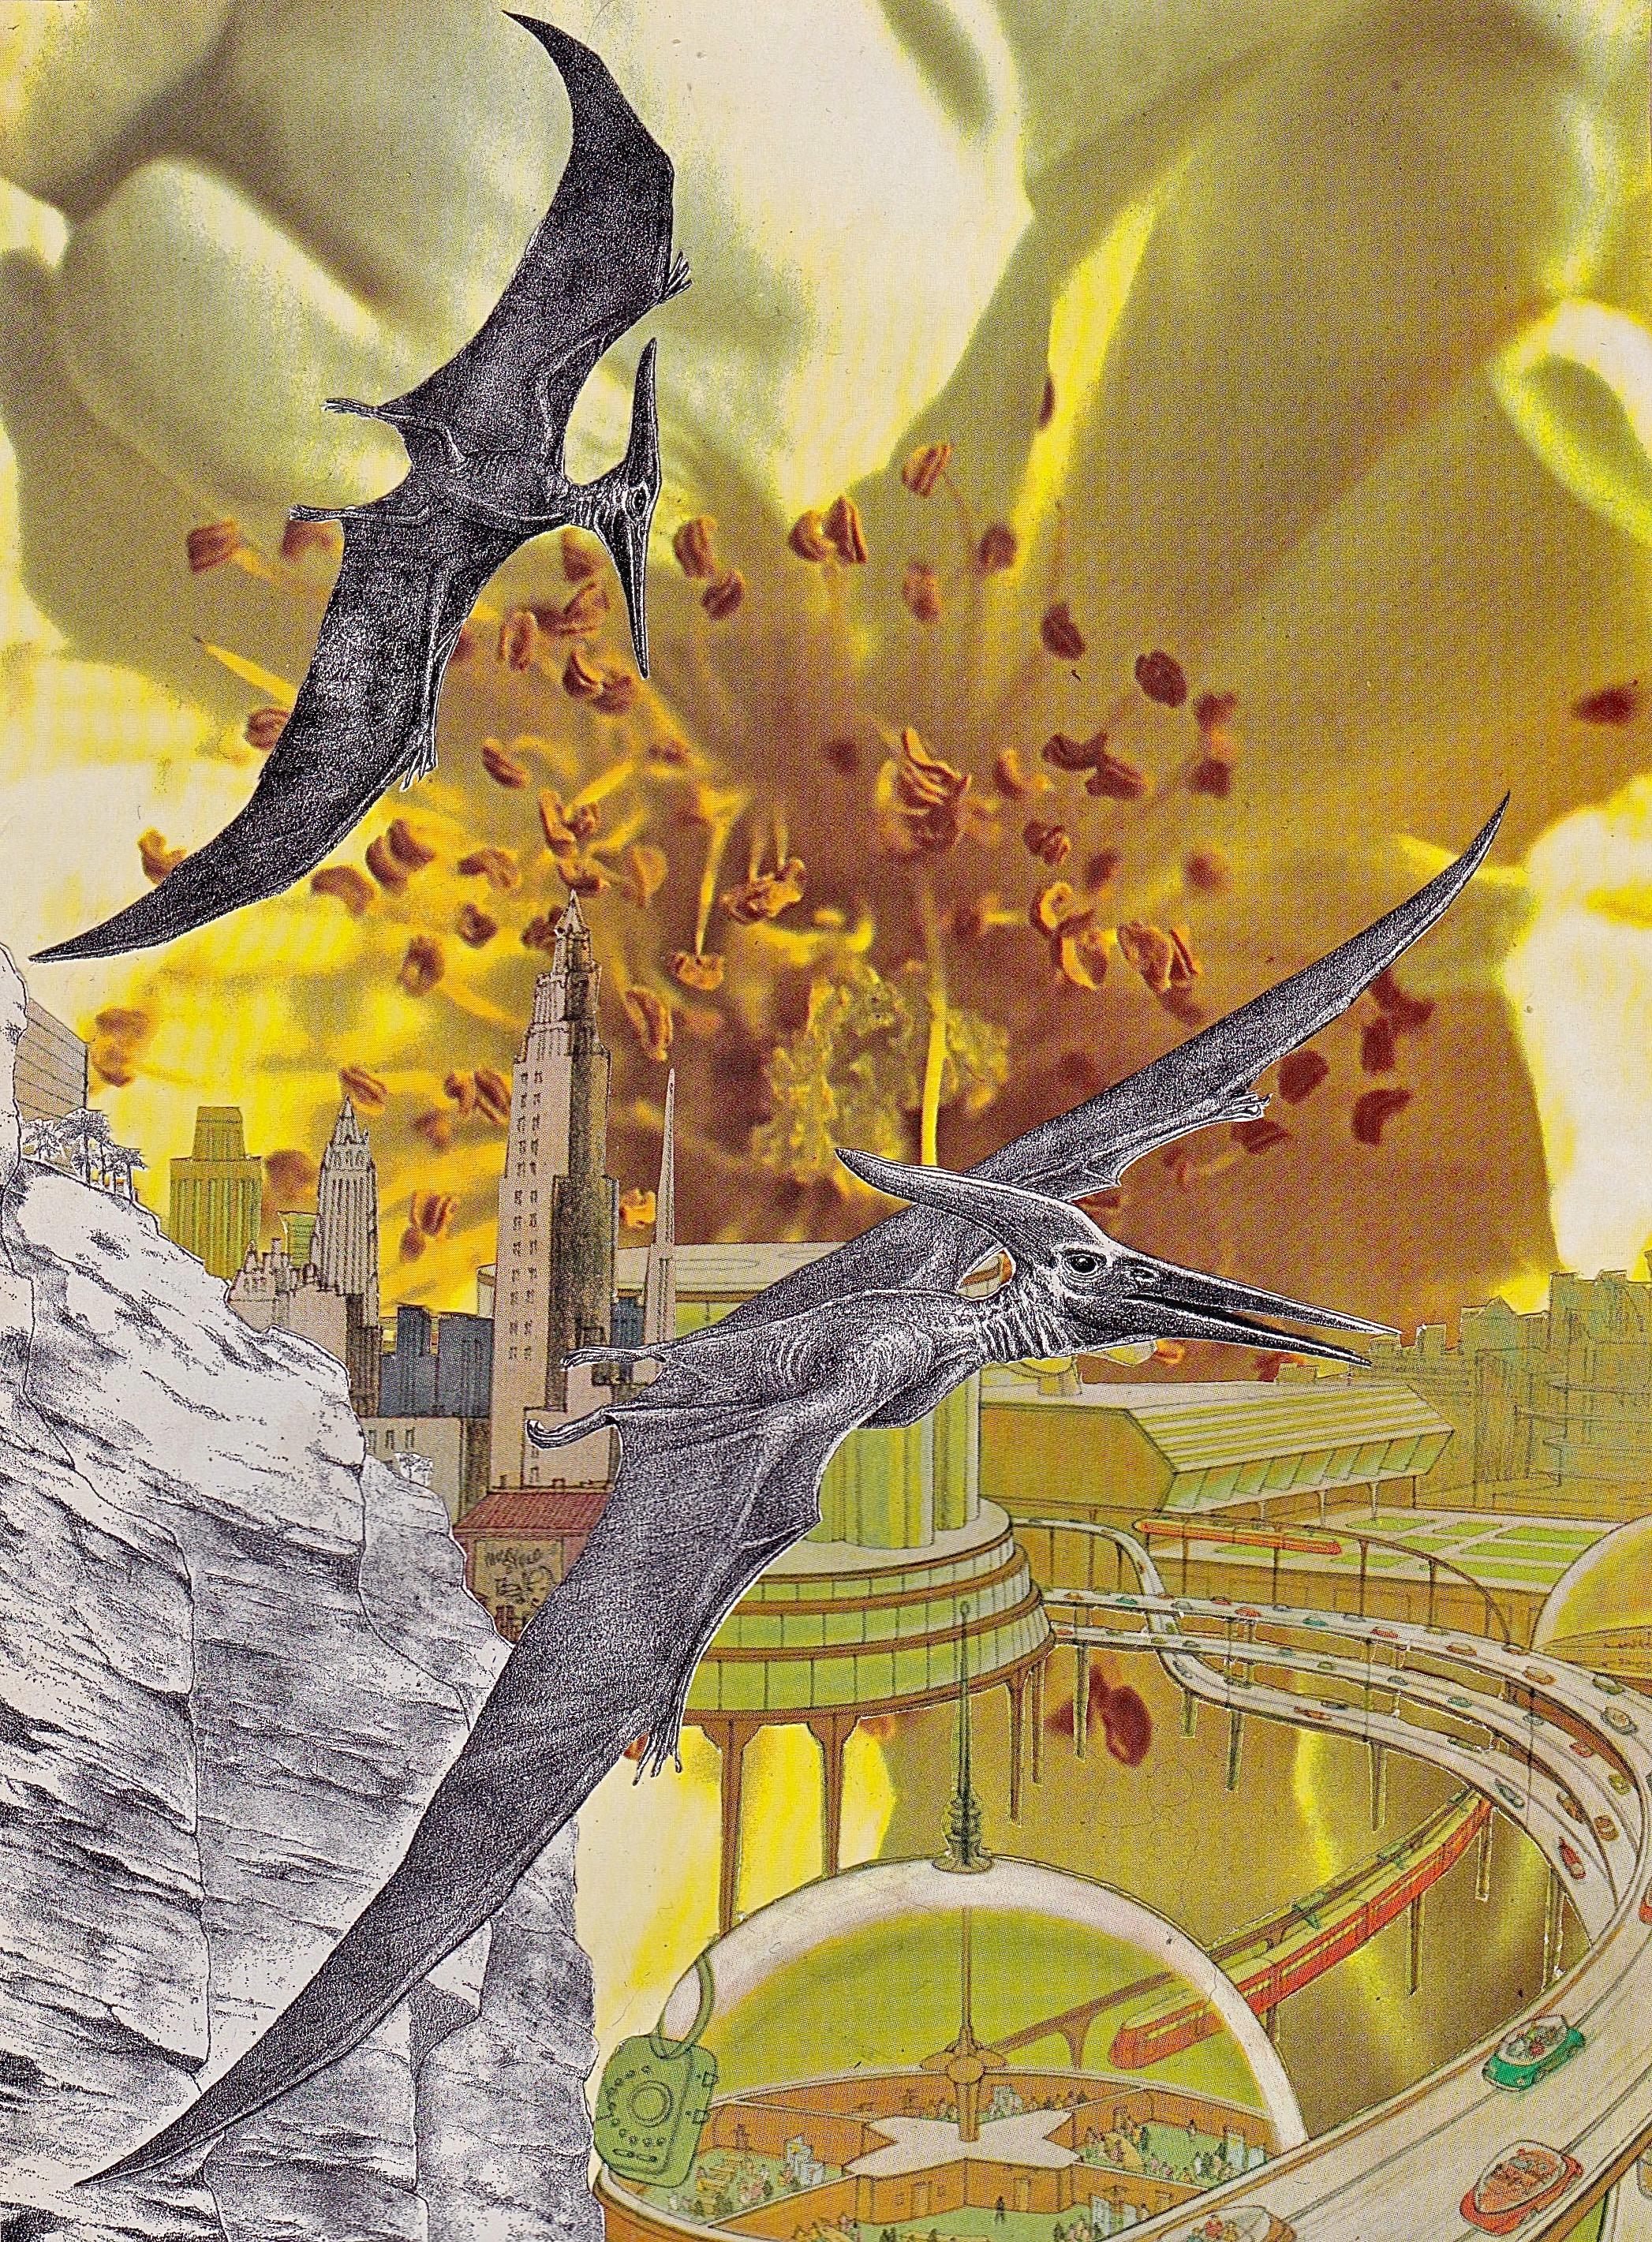 pterodactyl_city_bloom